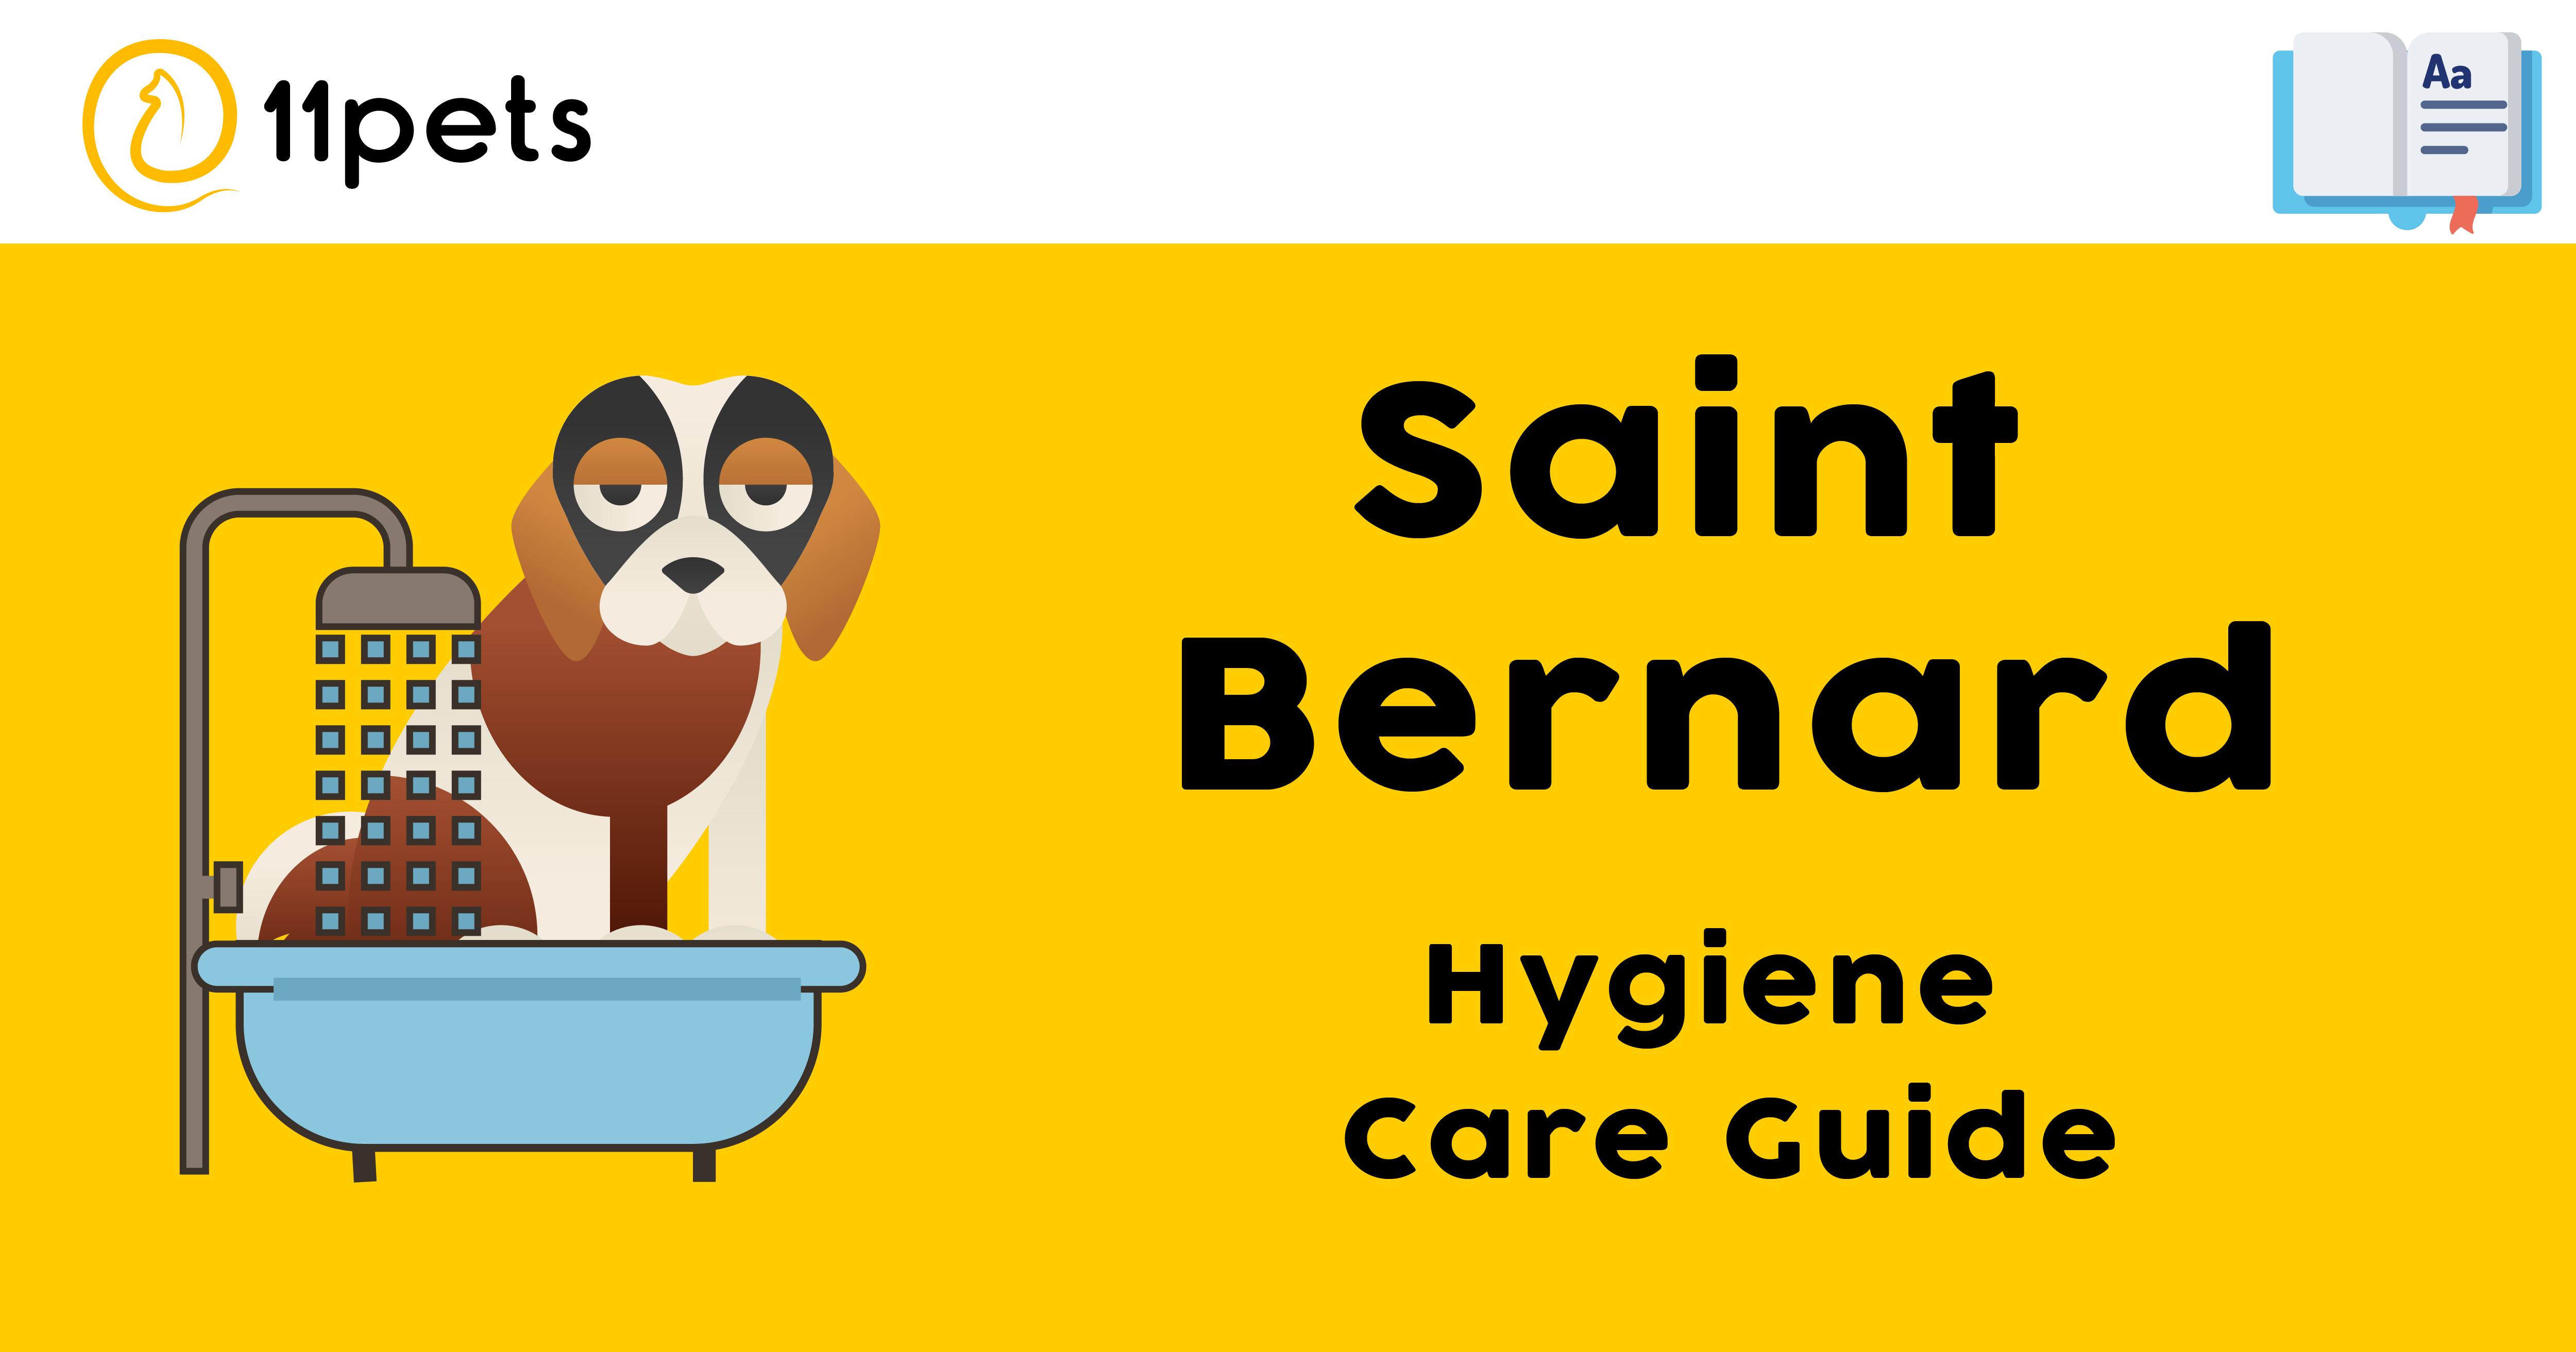 Hygiene Care Guide for Saint Bernard